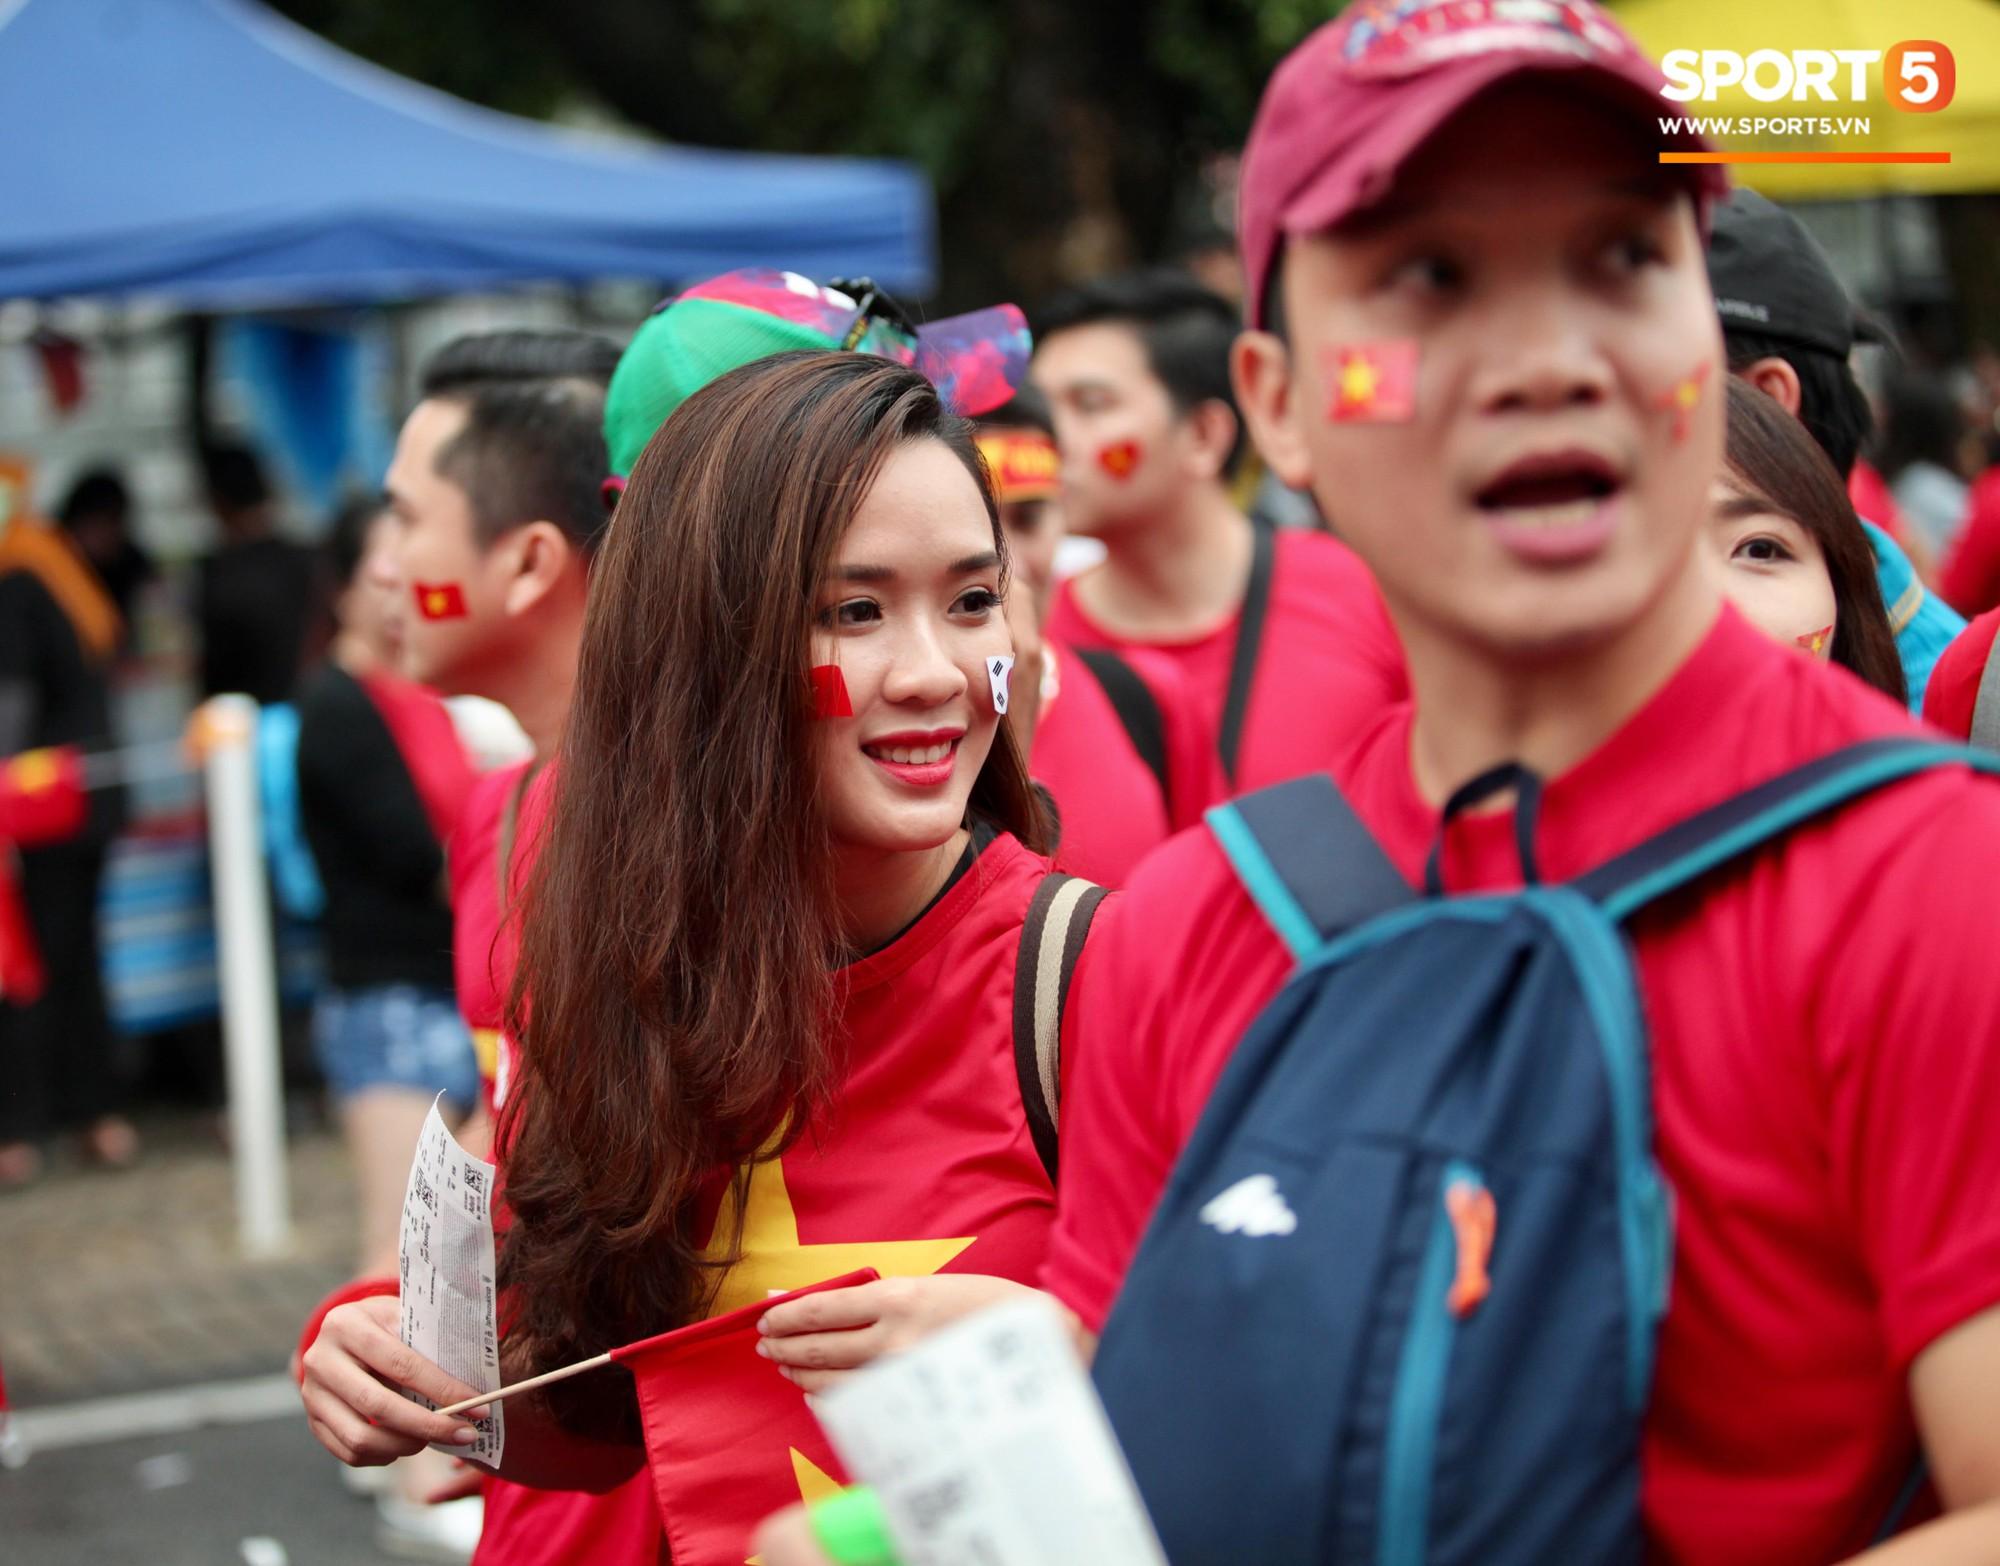 Fangirl xinh đẹp hâm nóng bầu không khí trước thềm đại chiến Việt Nam vs Malaysia-2